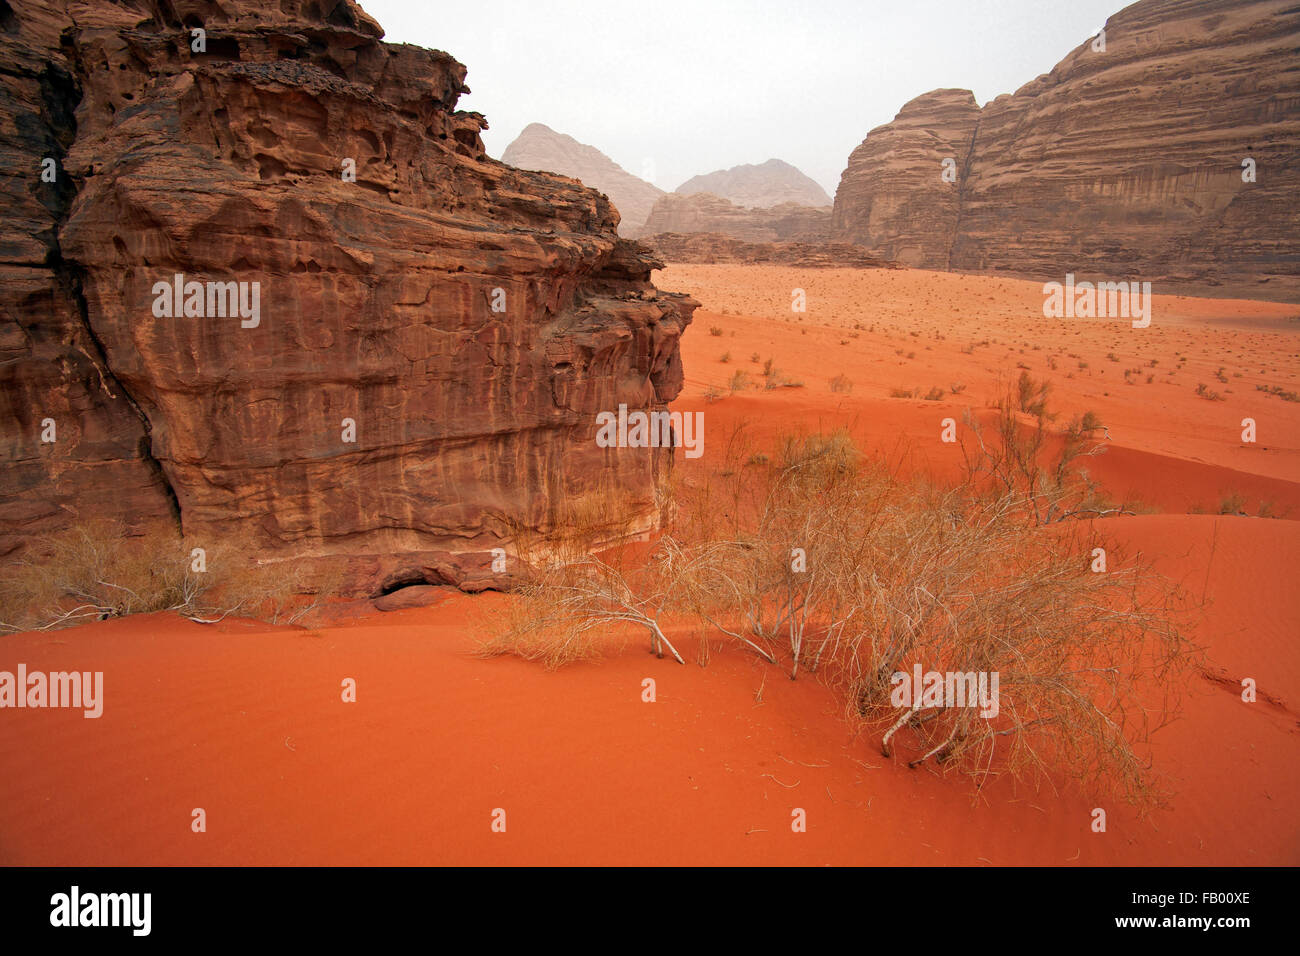 Erodierten Sandstein-Felsformation in der Wüste Wadi Rum / das Tal des Mondes im Süden von Jordanien Stockbild